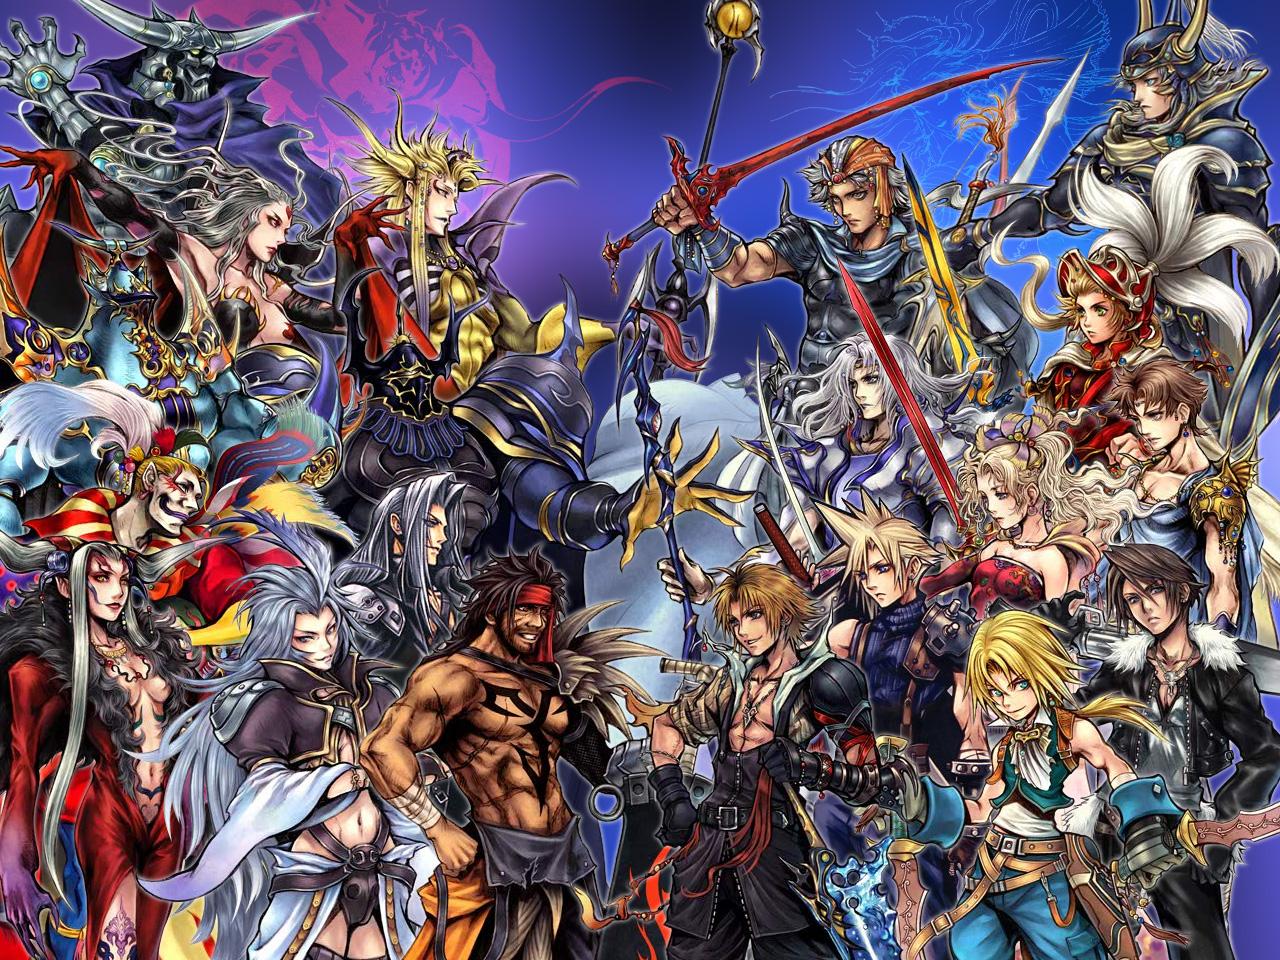 Final Fantasy Dissidia - Personagens Icônicos da Série